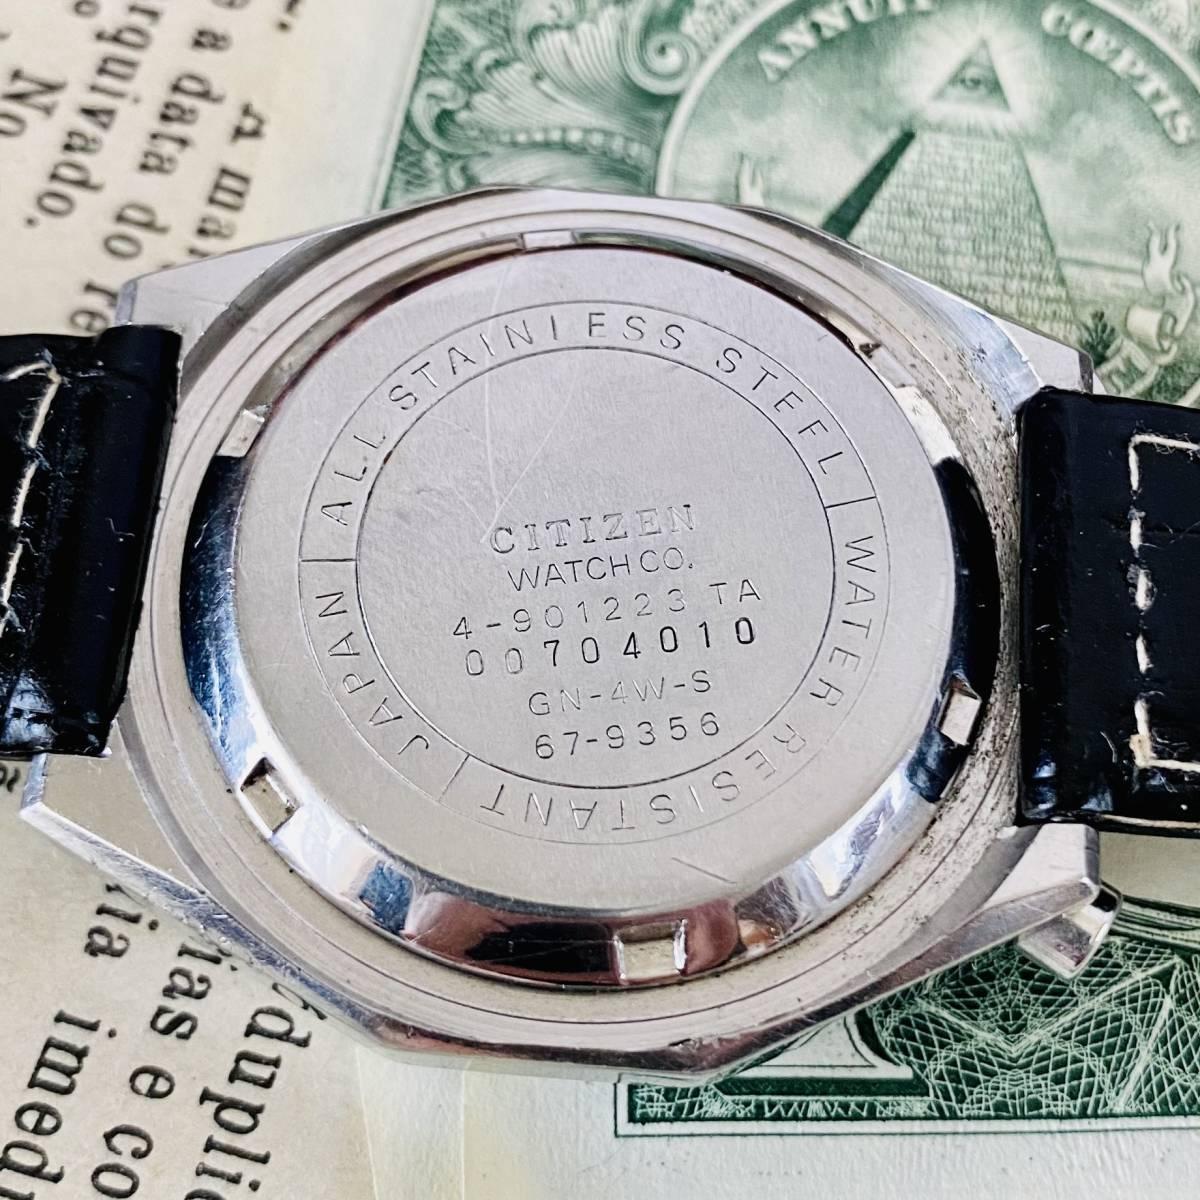 【高級時計 シチズン】CITIZEN 8110A クロノグラフ 自動巻 1980年代 ツノ メンズ レディース ビンテージ アナログ 腕時計パンダ チャレンジ_画像9